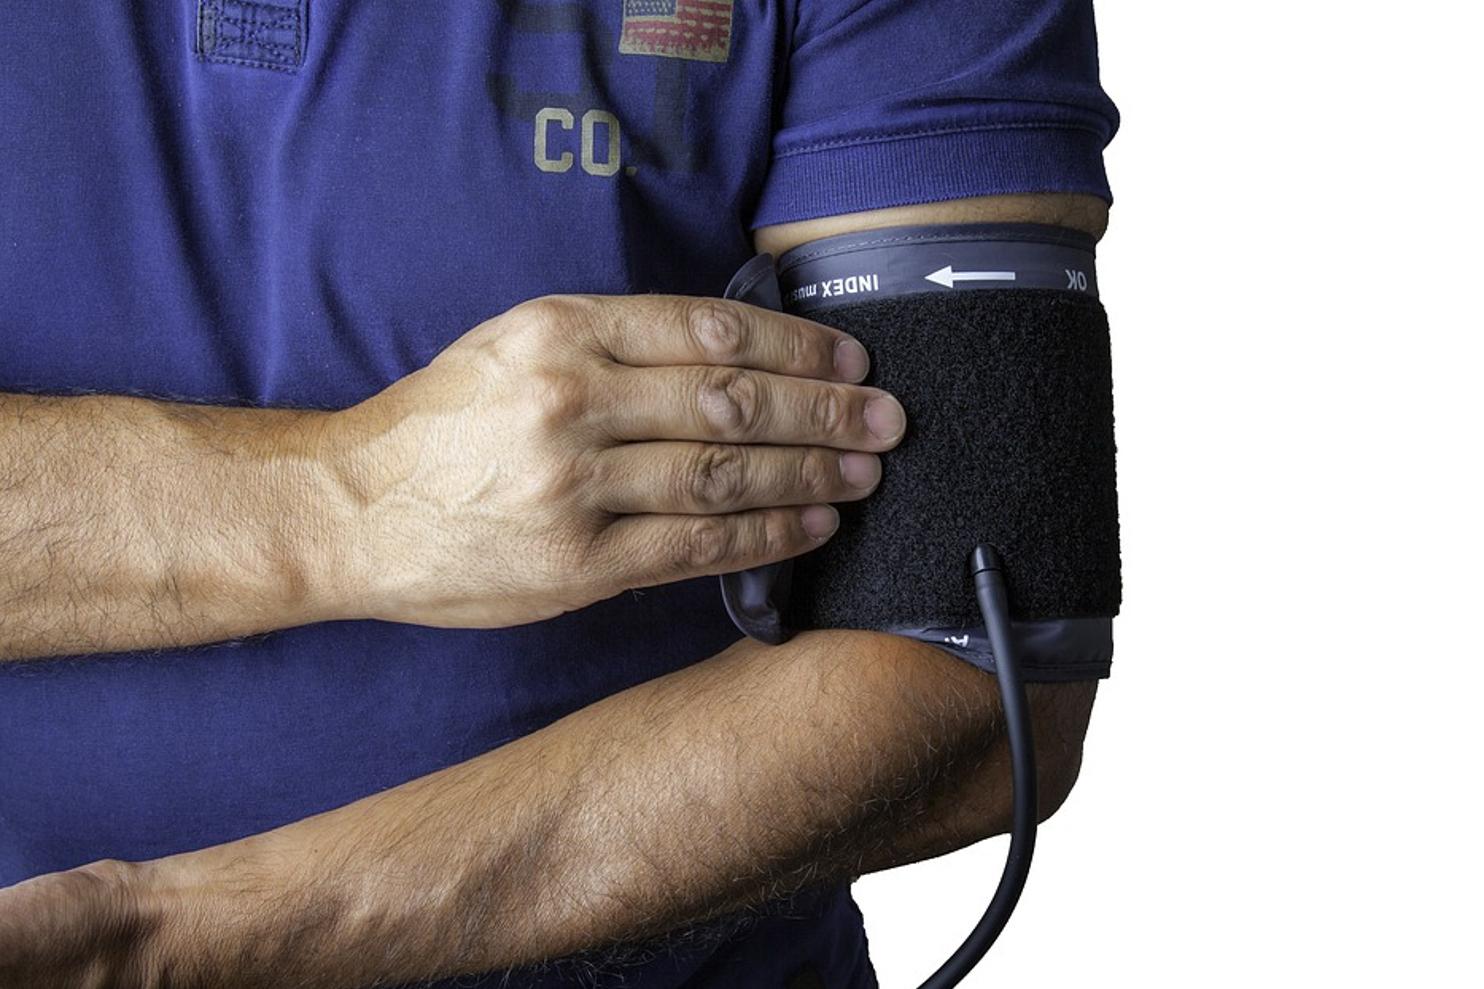 hogy a sajtót magas vérnyomásban pumpálja hogyan lehet emelni a test magas vérnyomással járó hangját